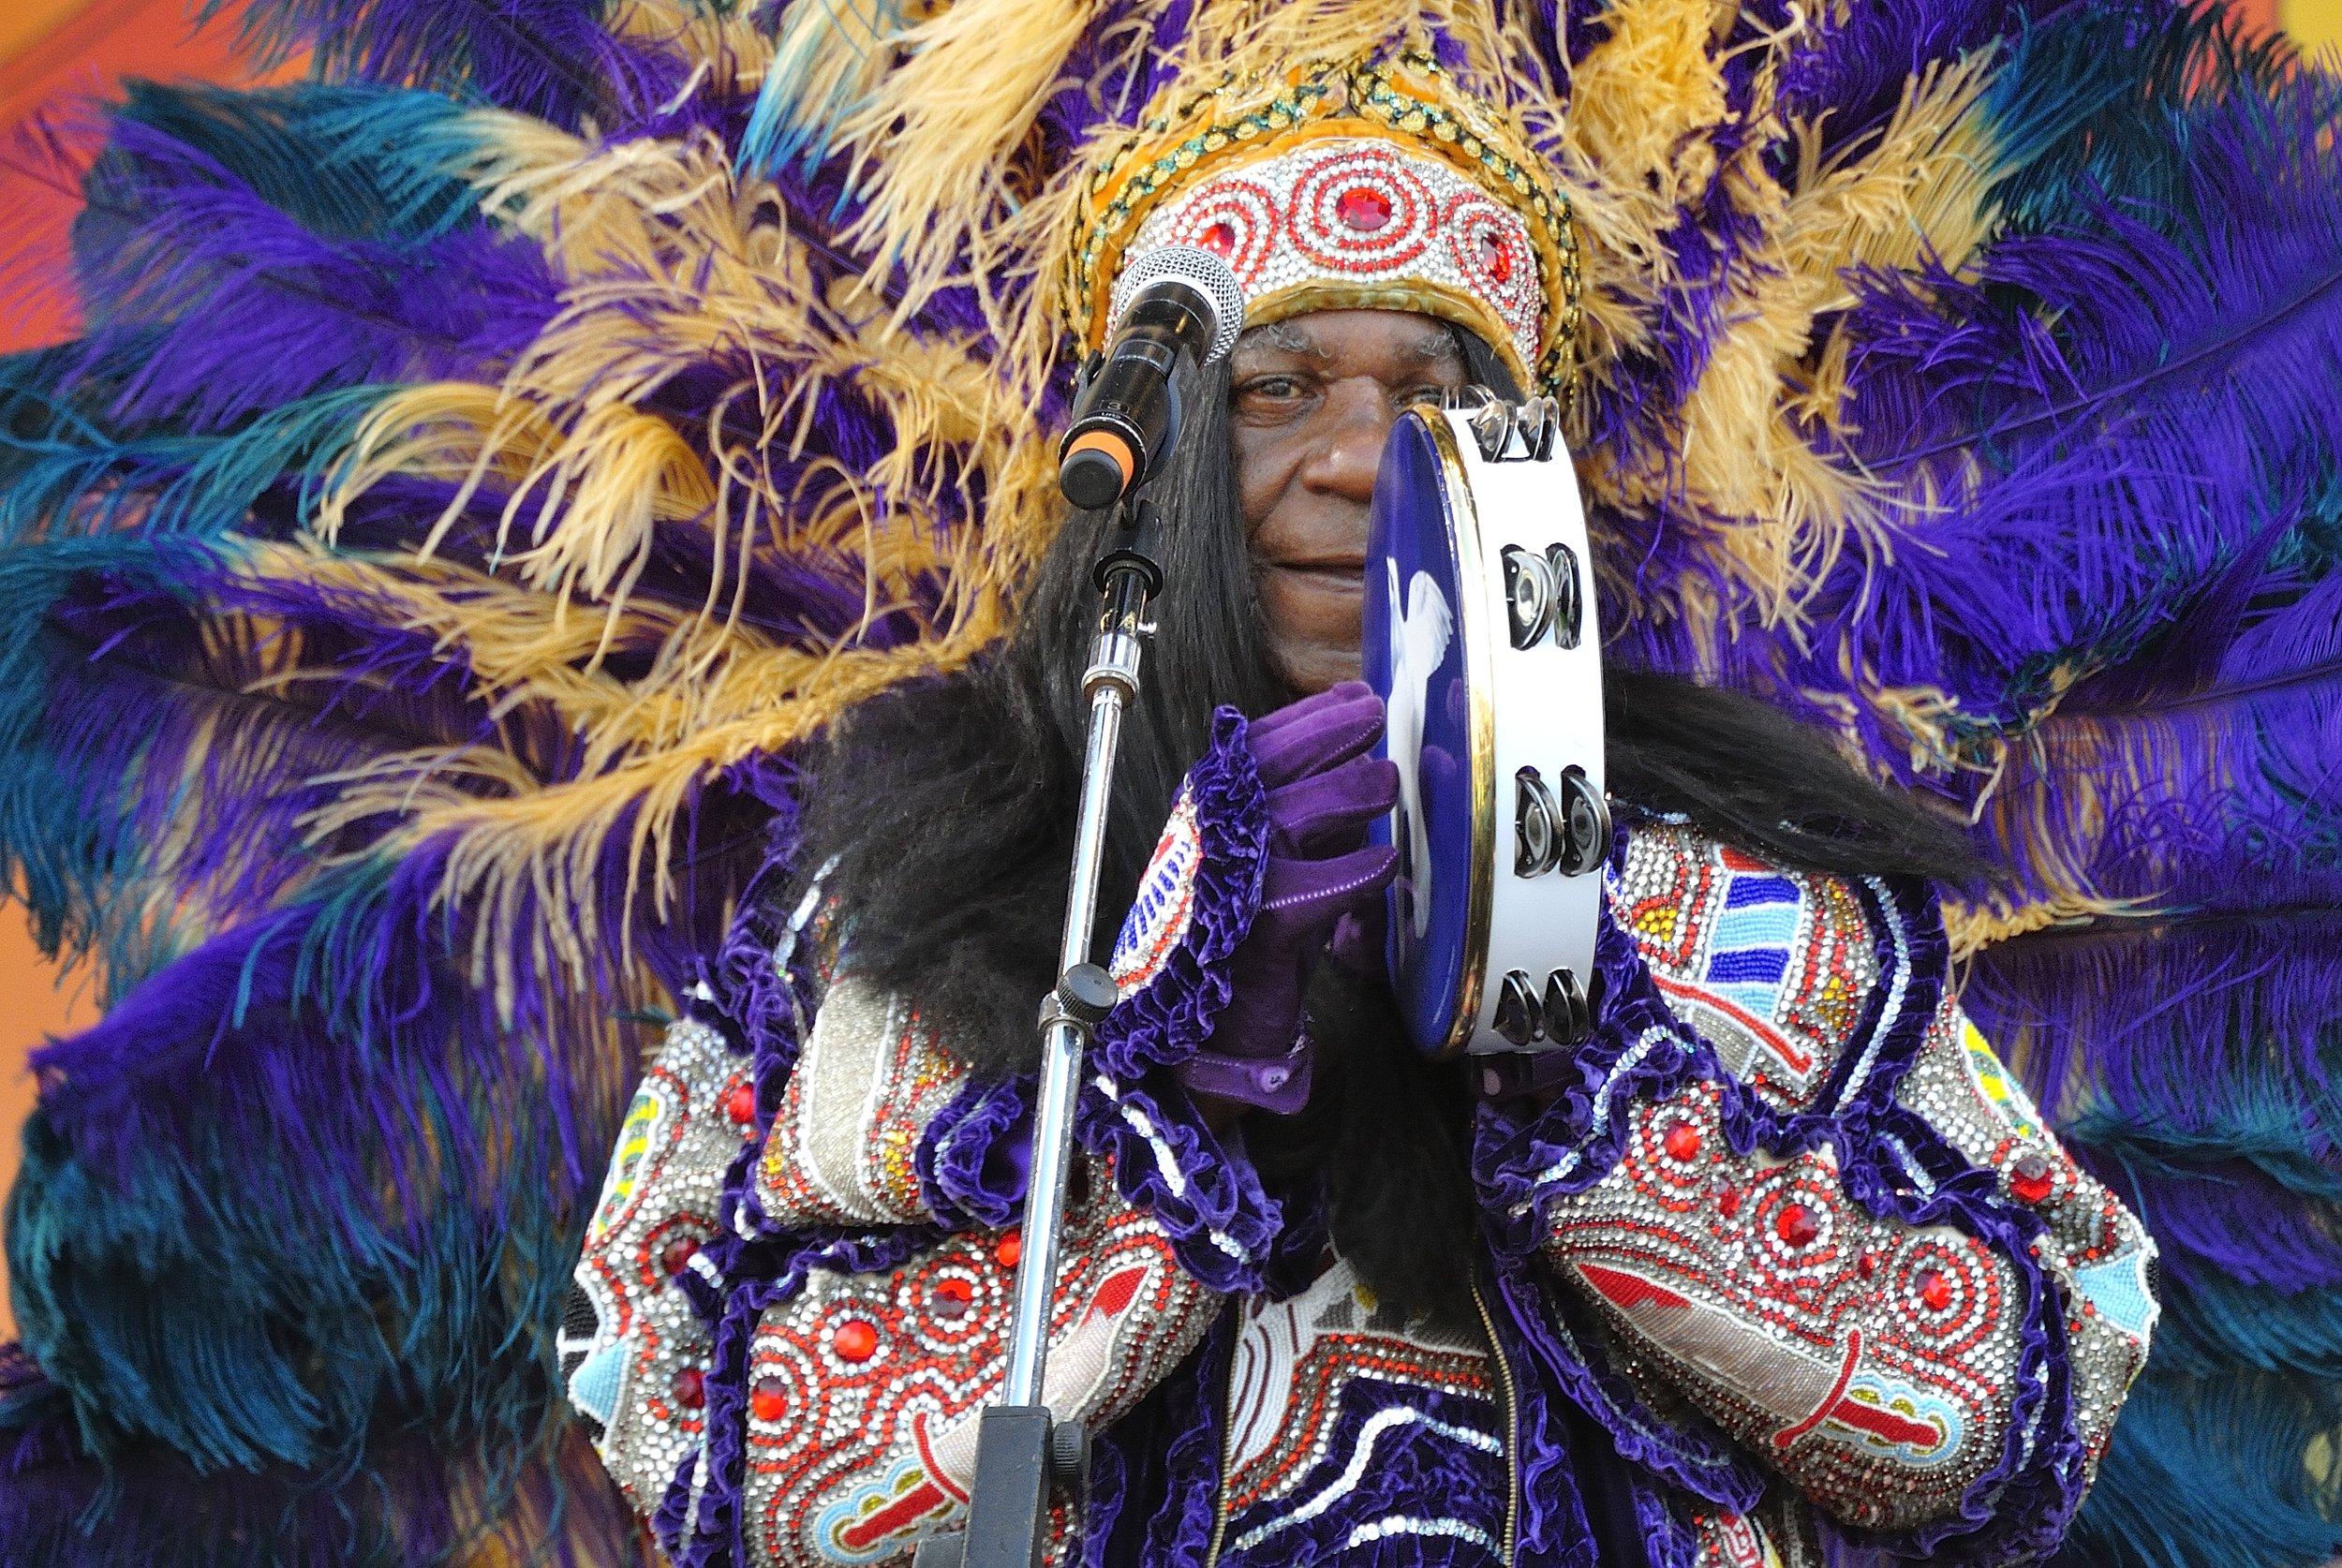 Big_Chief_Monk_Boudreaux_(7314685544).jpg